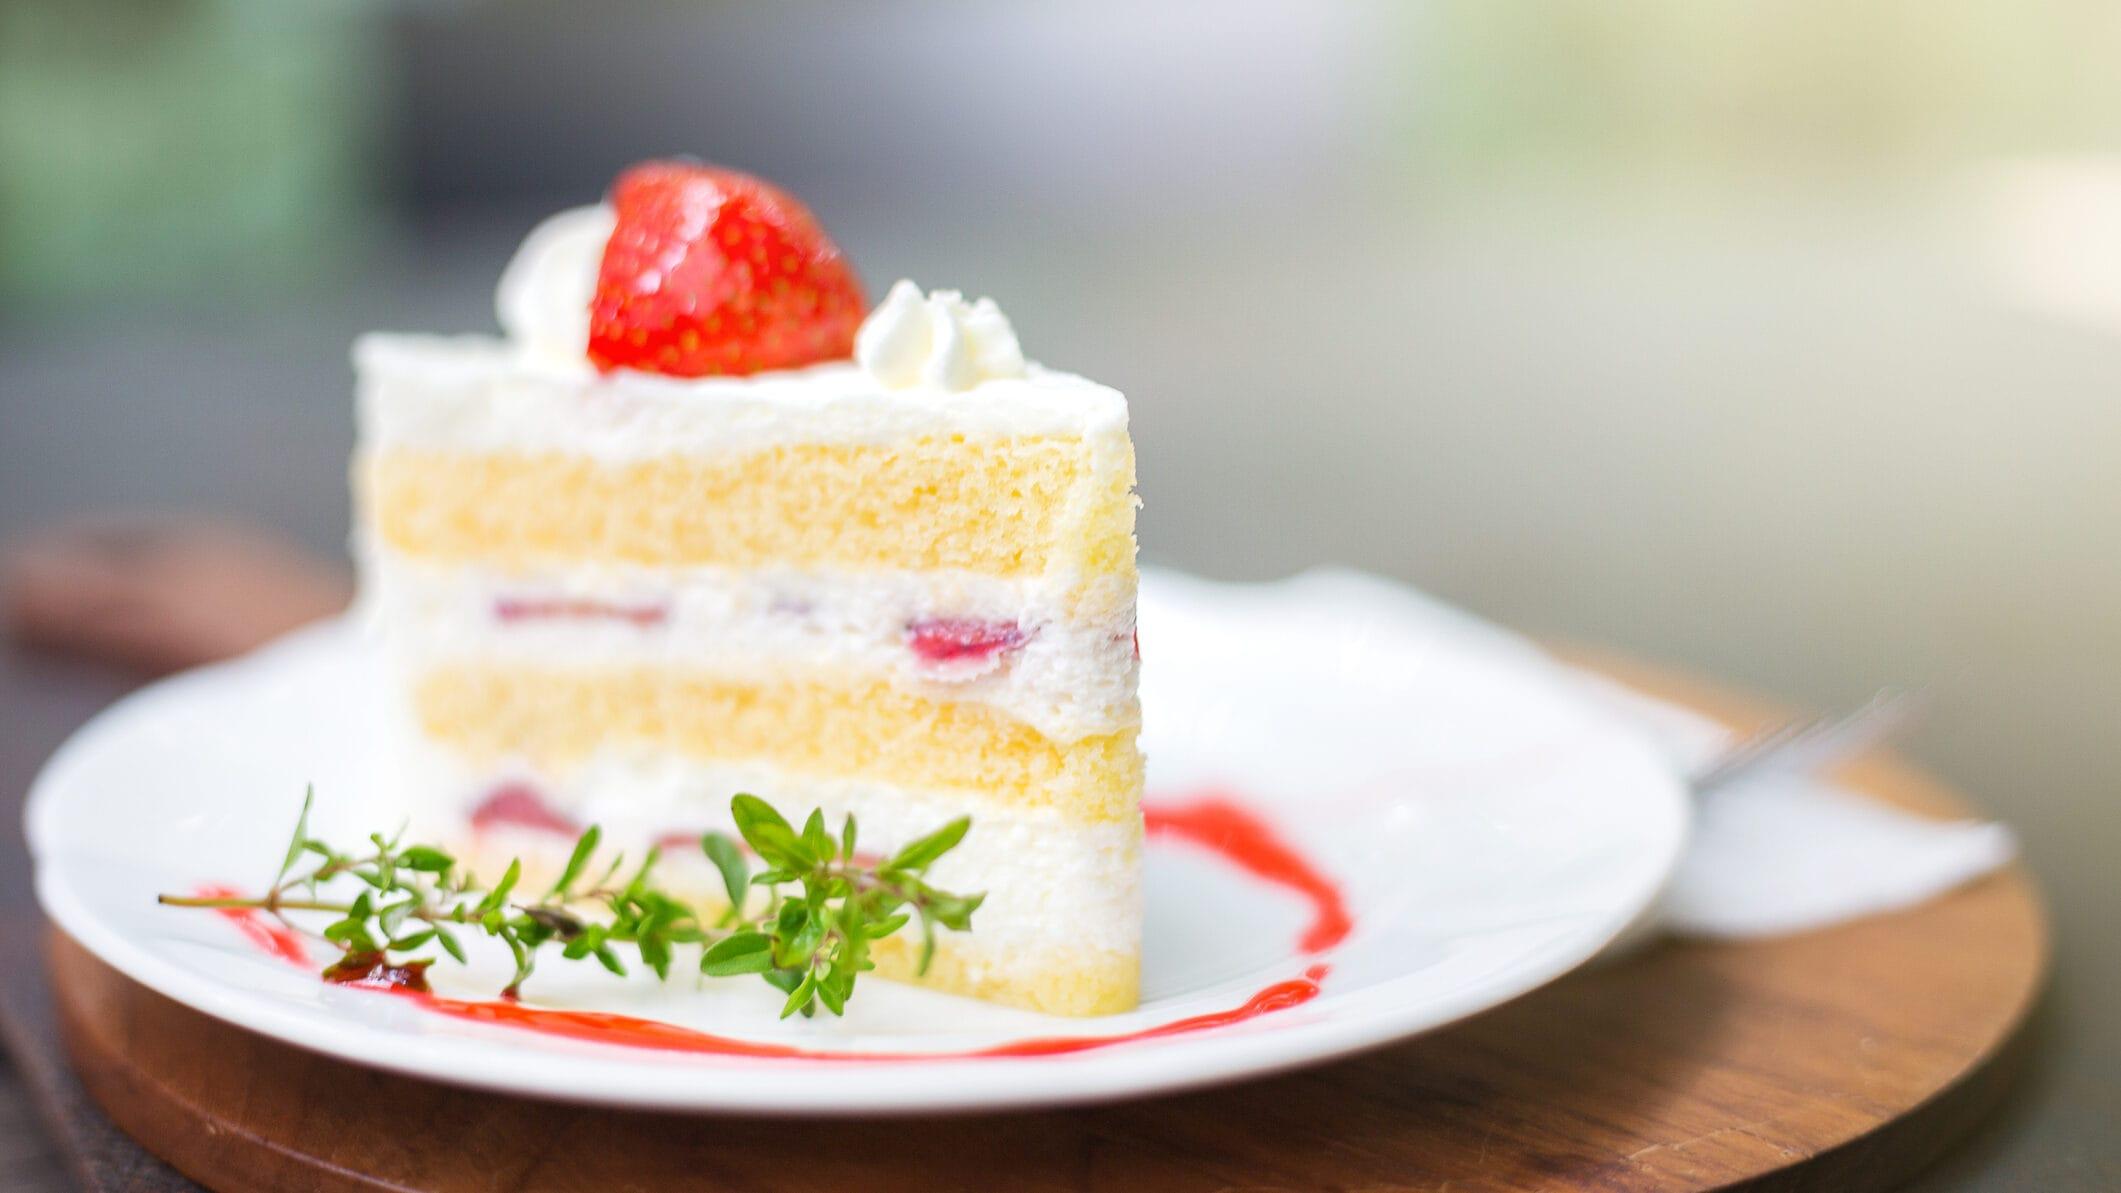 Ein Stück Erdbeertorte mit weißer Schokolade auf einem Teller